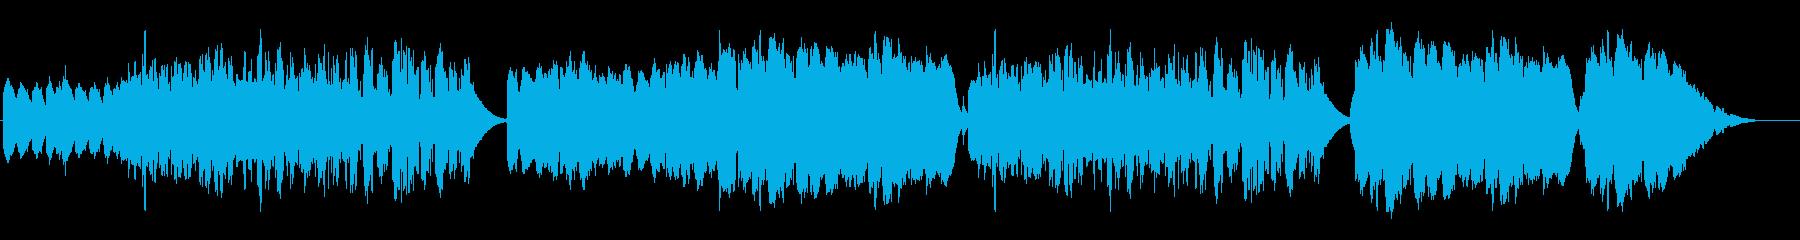 深い安らぎの癒し系クラリネットの再生済みの波形